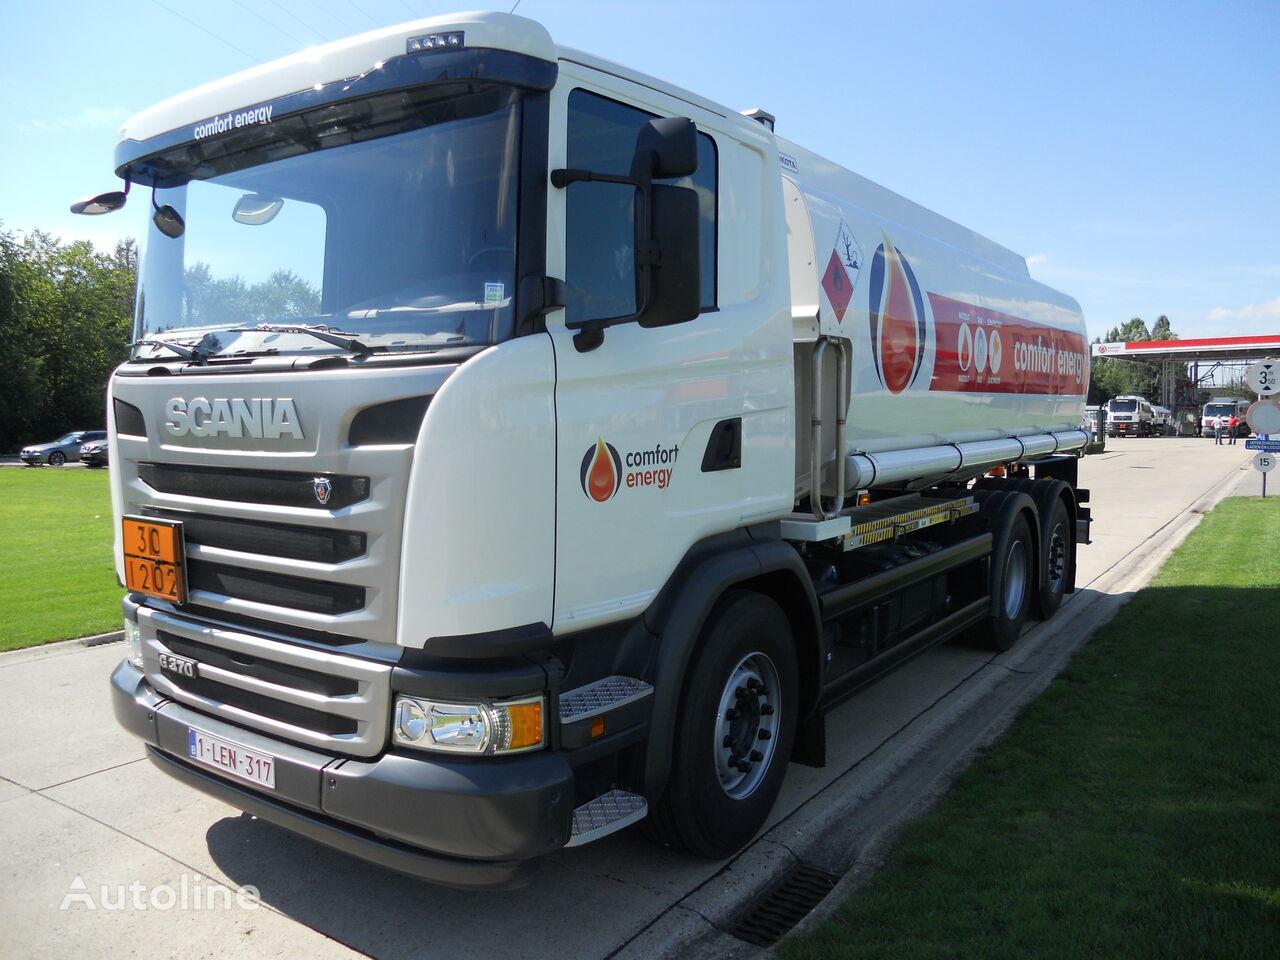 SCANIA camião de transporte de combustivel